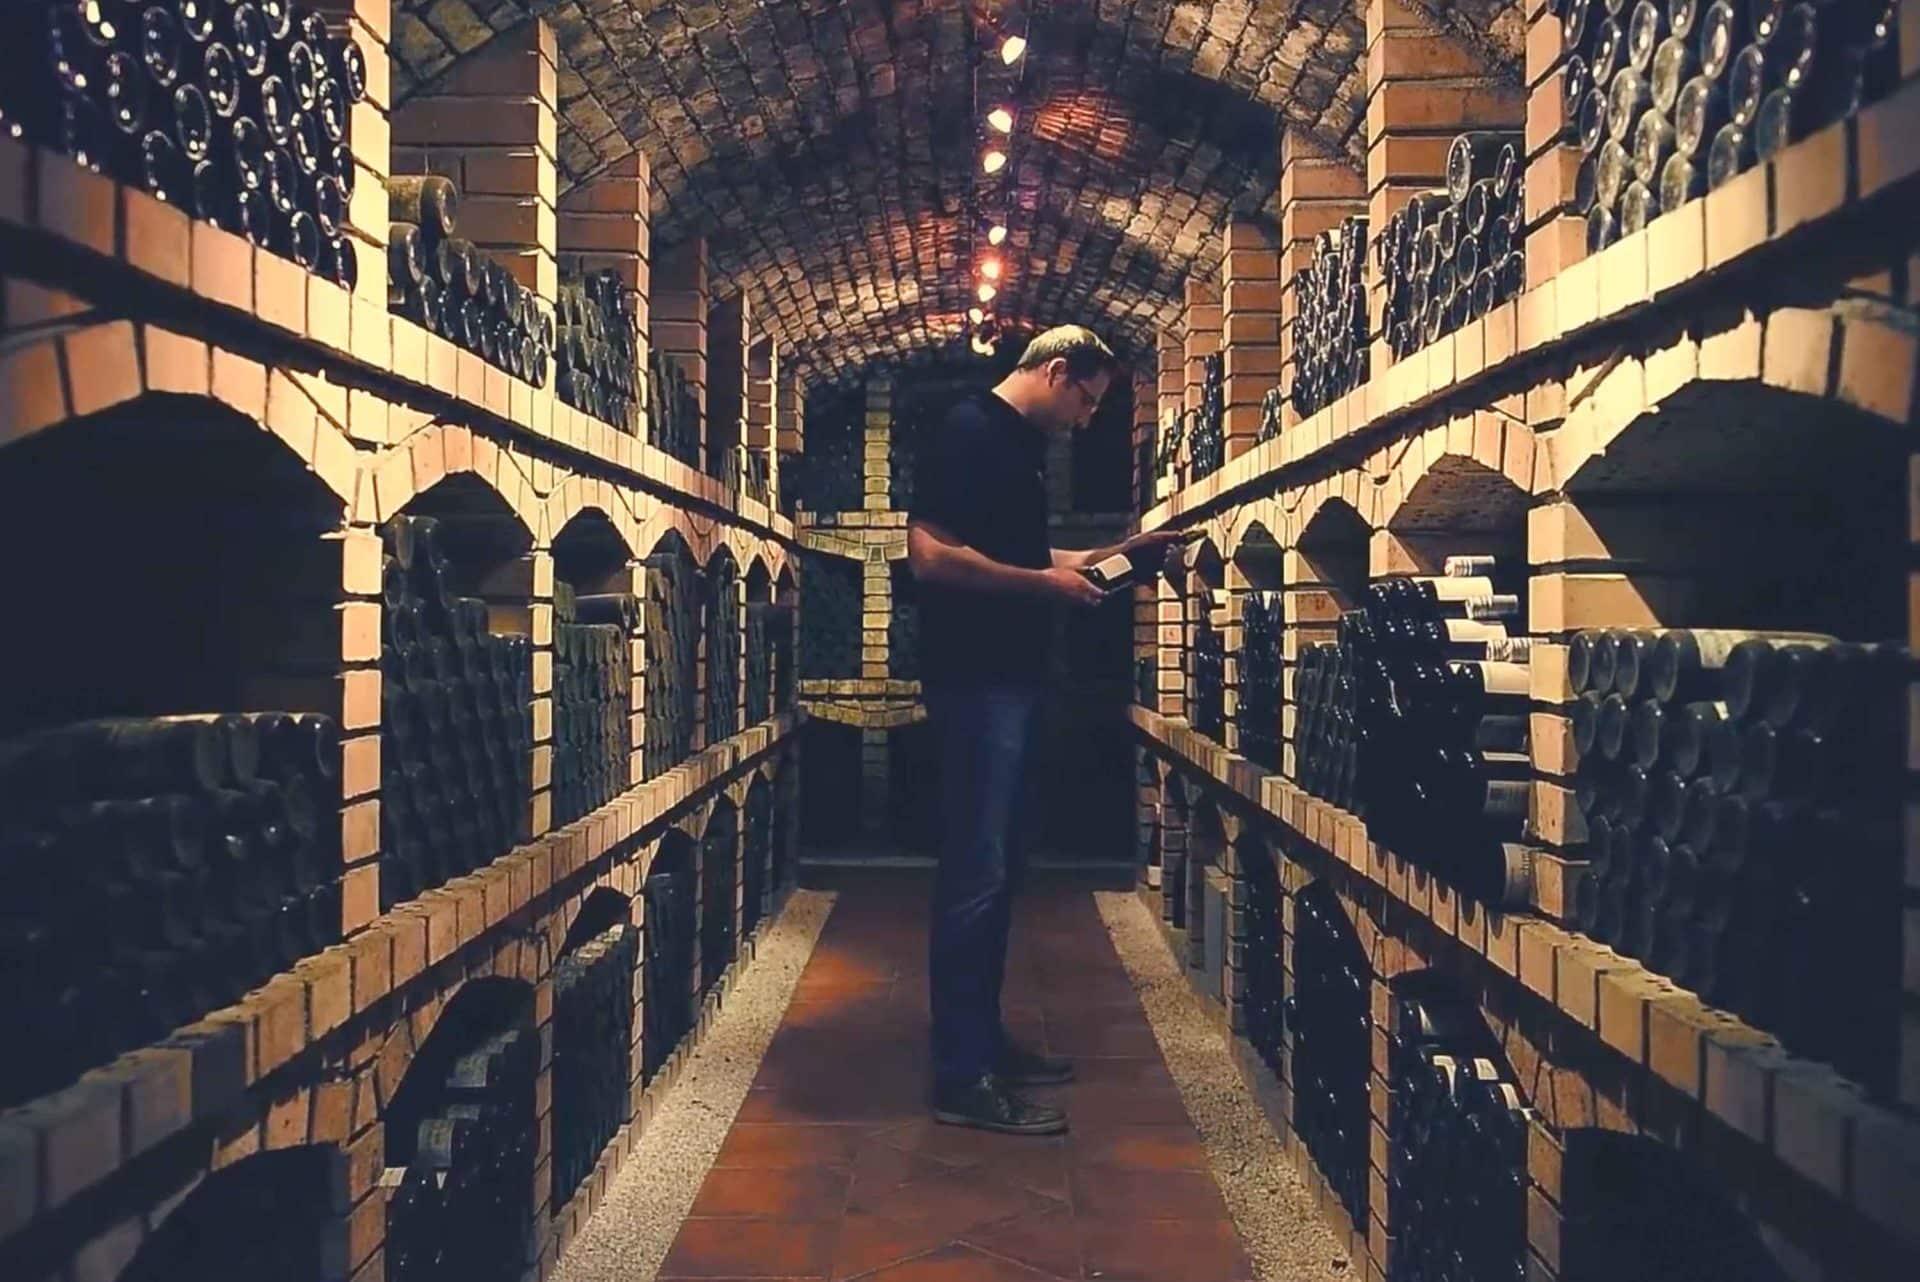 Johannes Hofbauer-Schmidt in Kellergewölbe mit vielen Weinflaschen